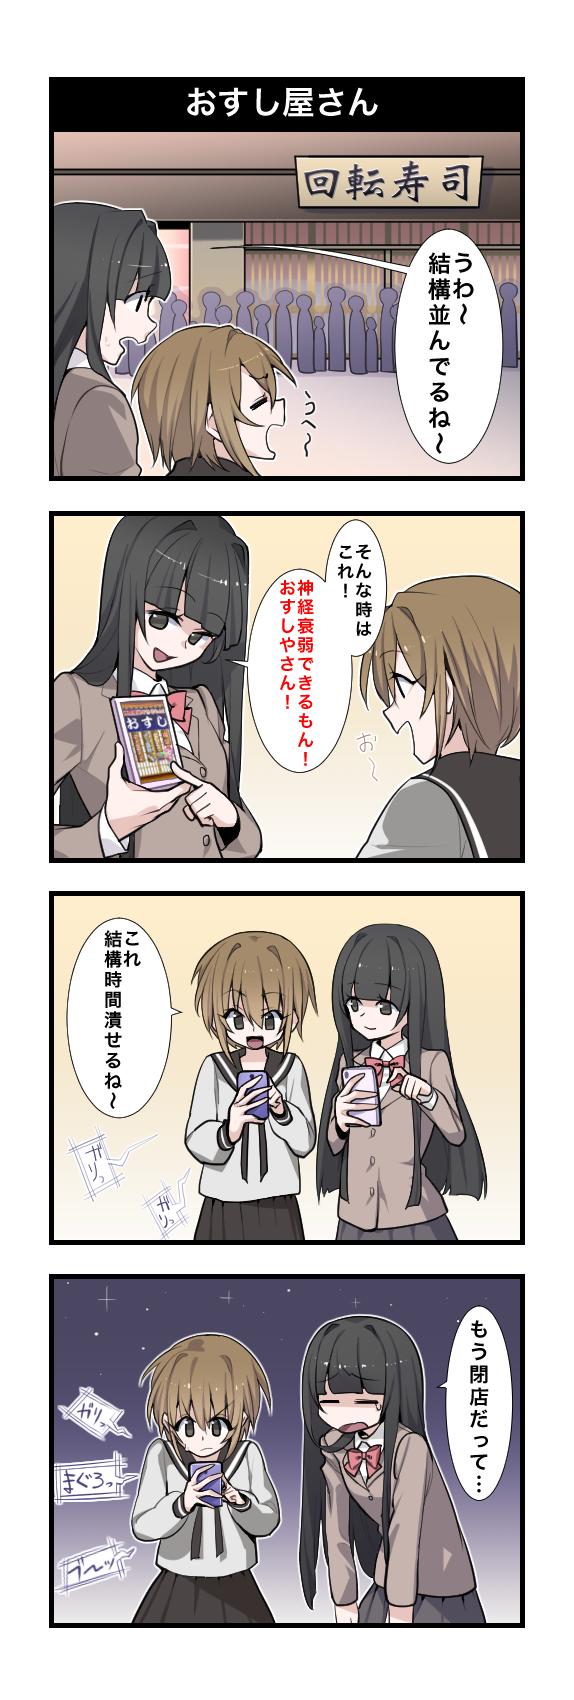 おすしやさん 4コマ漫画